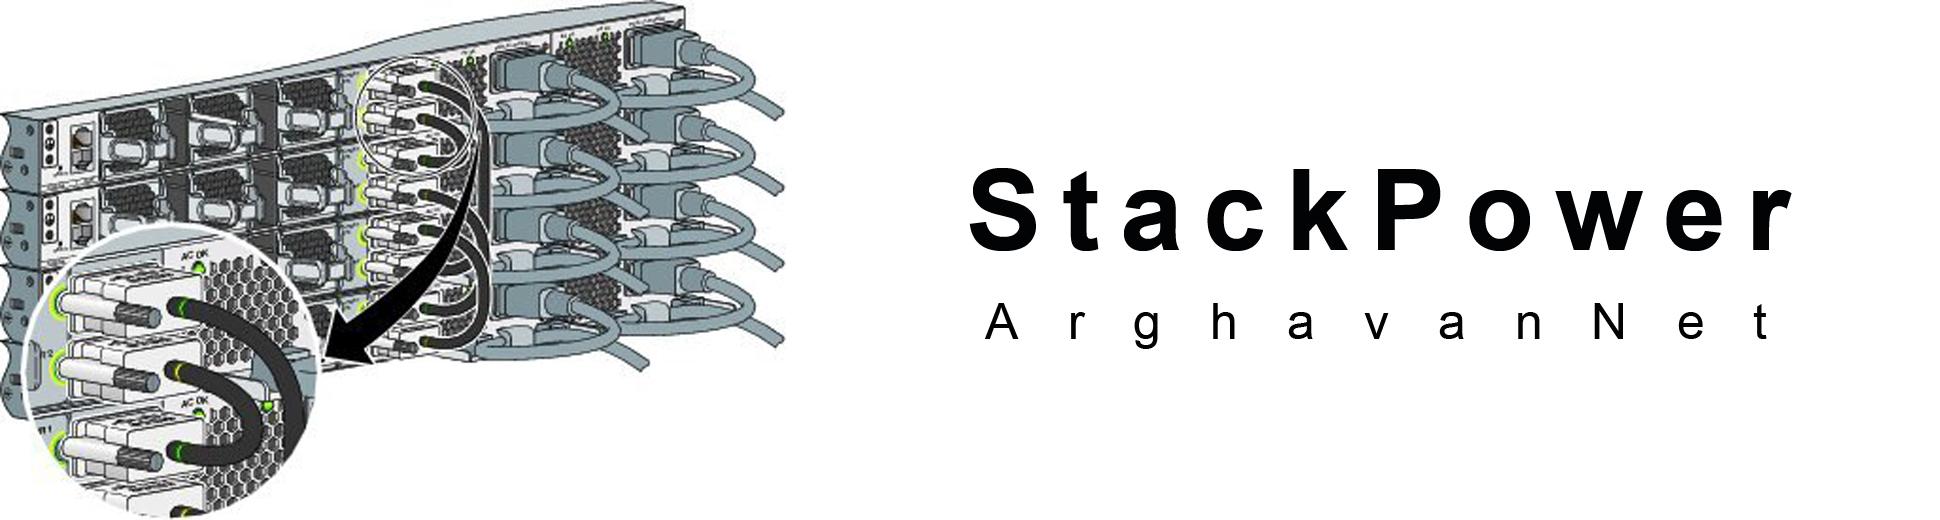 تکنولوژی StackPower سوئیچ سیسکو